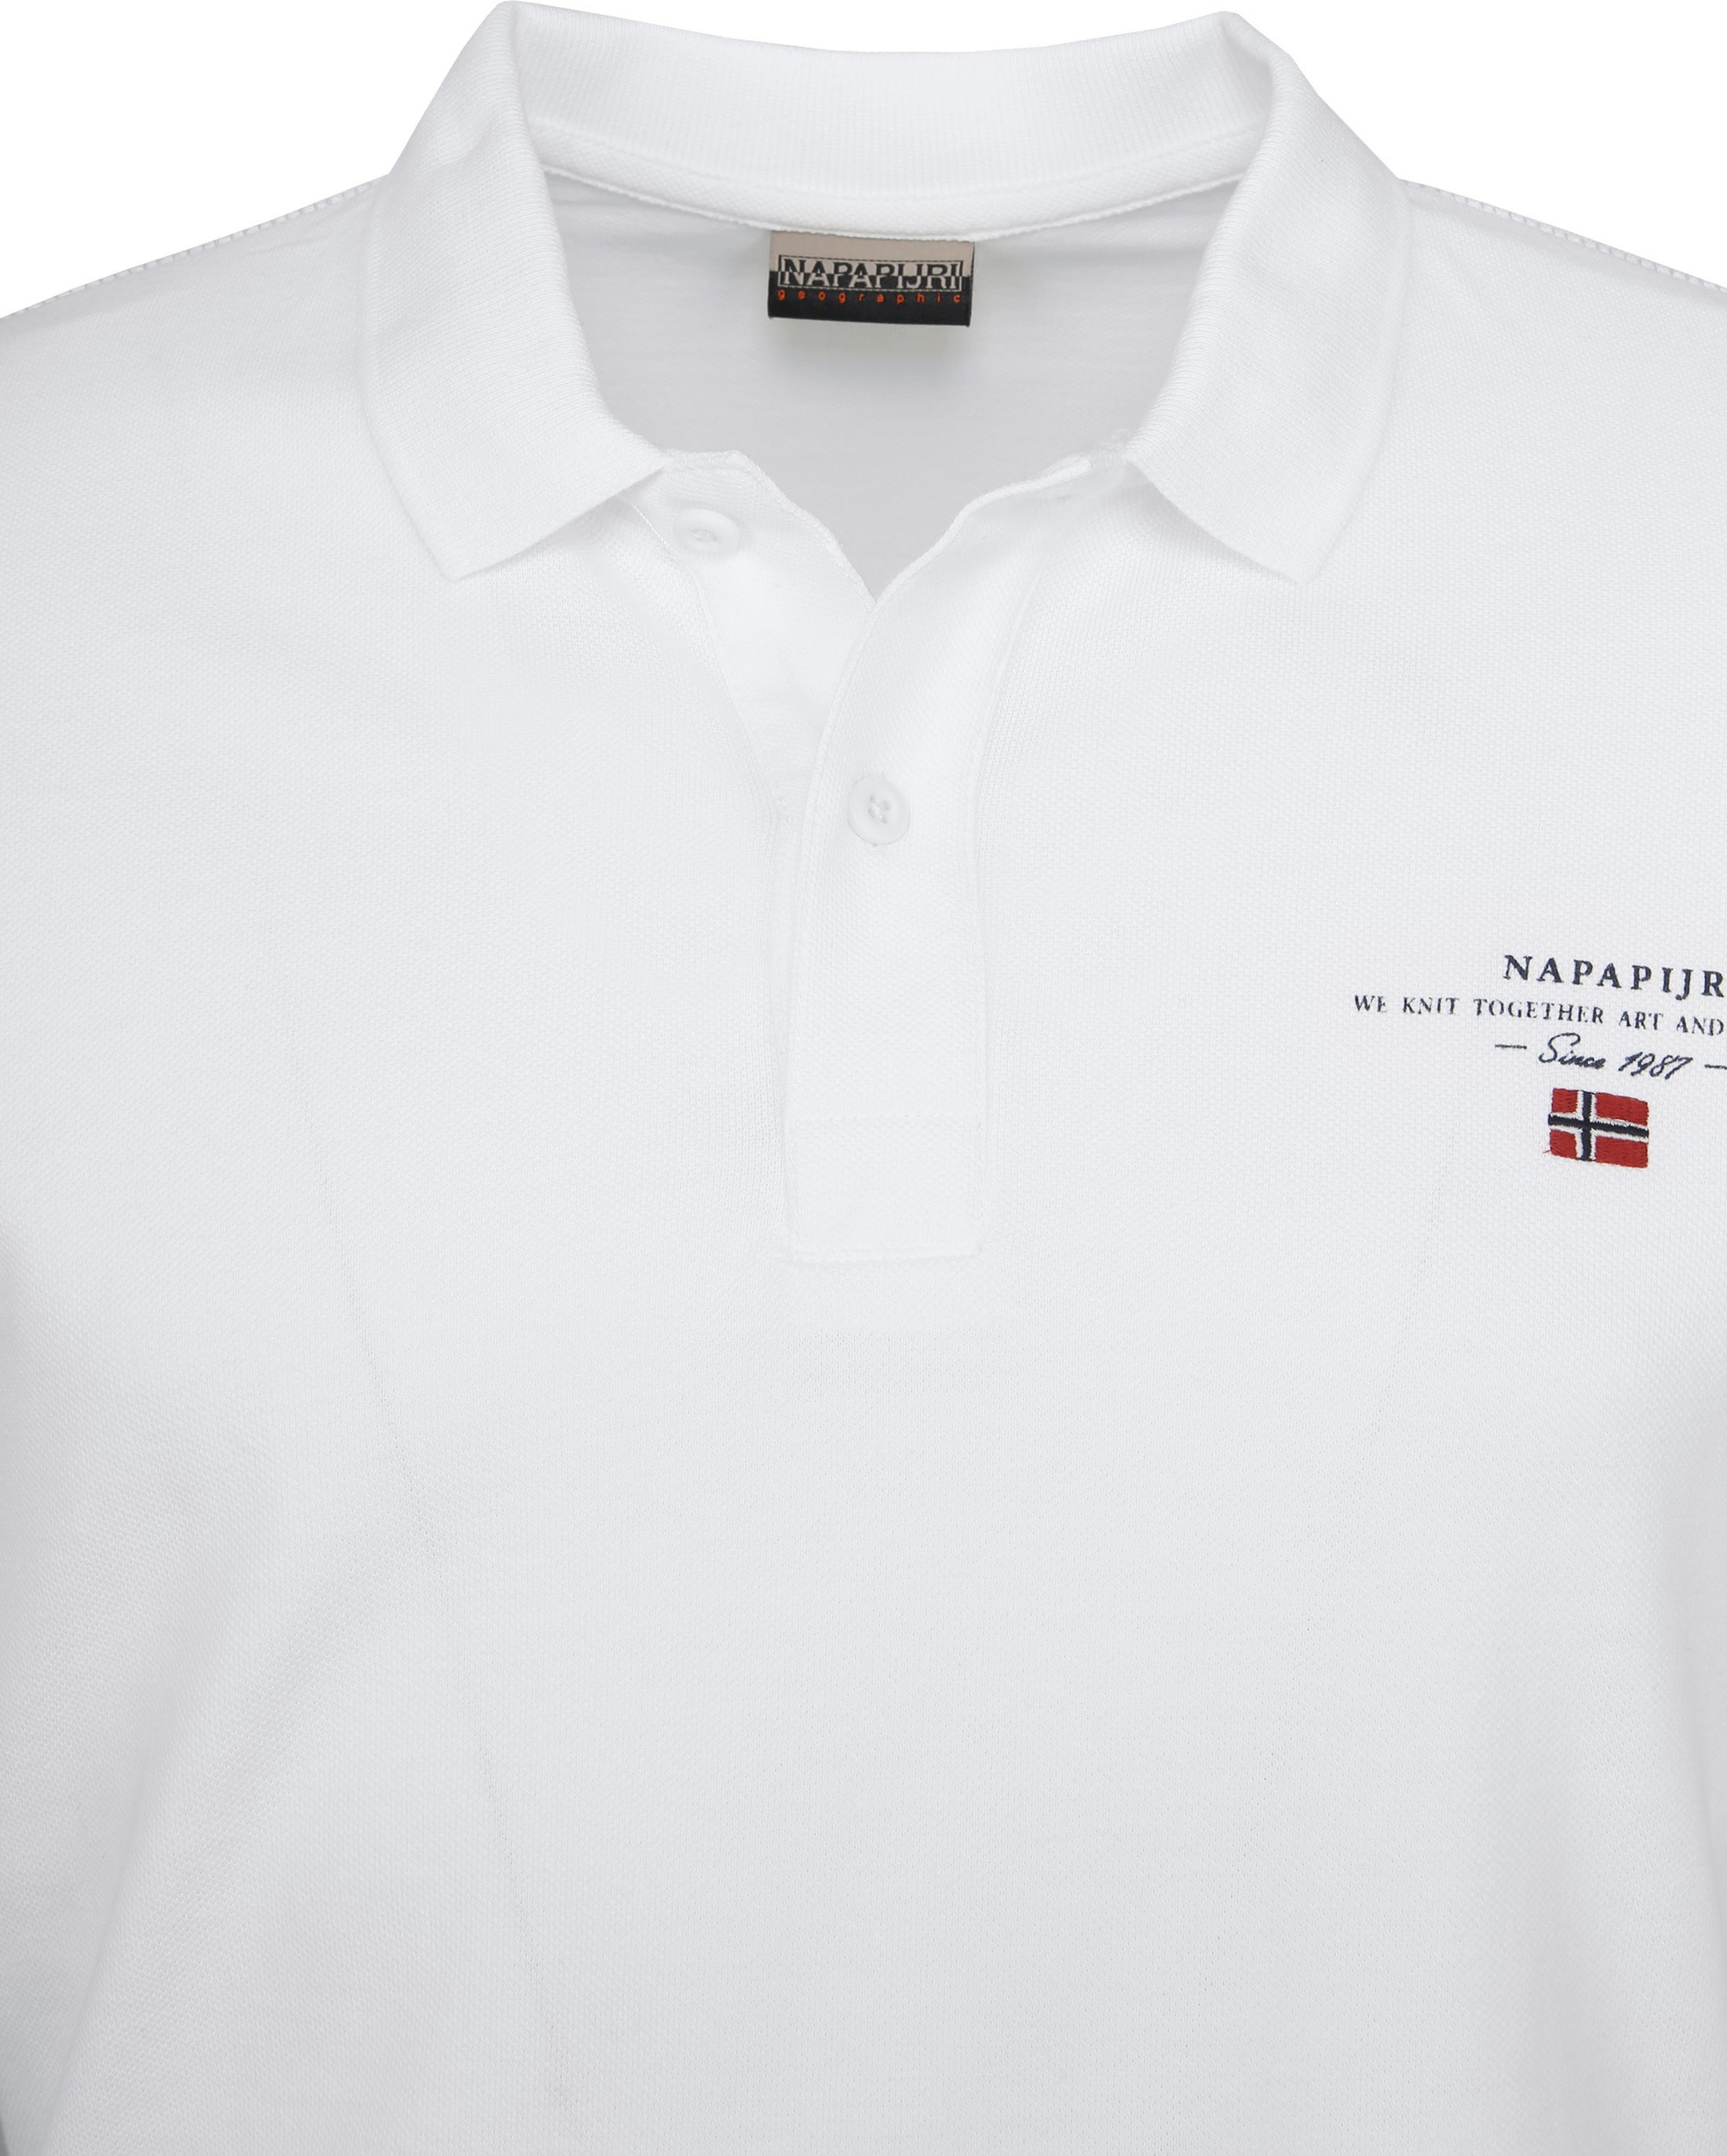 Napapijri Poloshirt Elbas 2 White foto 1